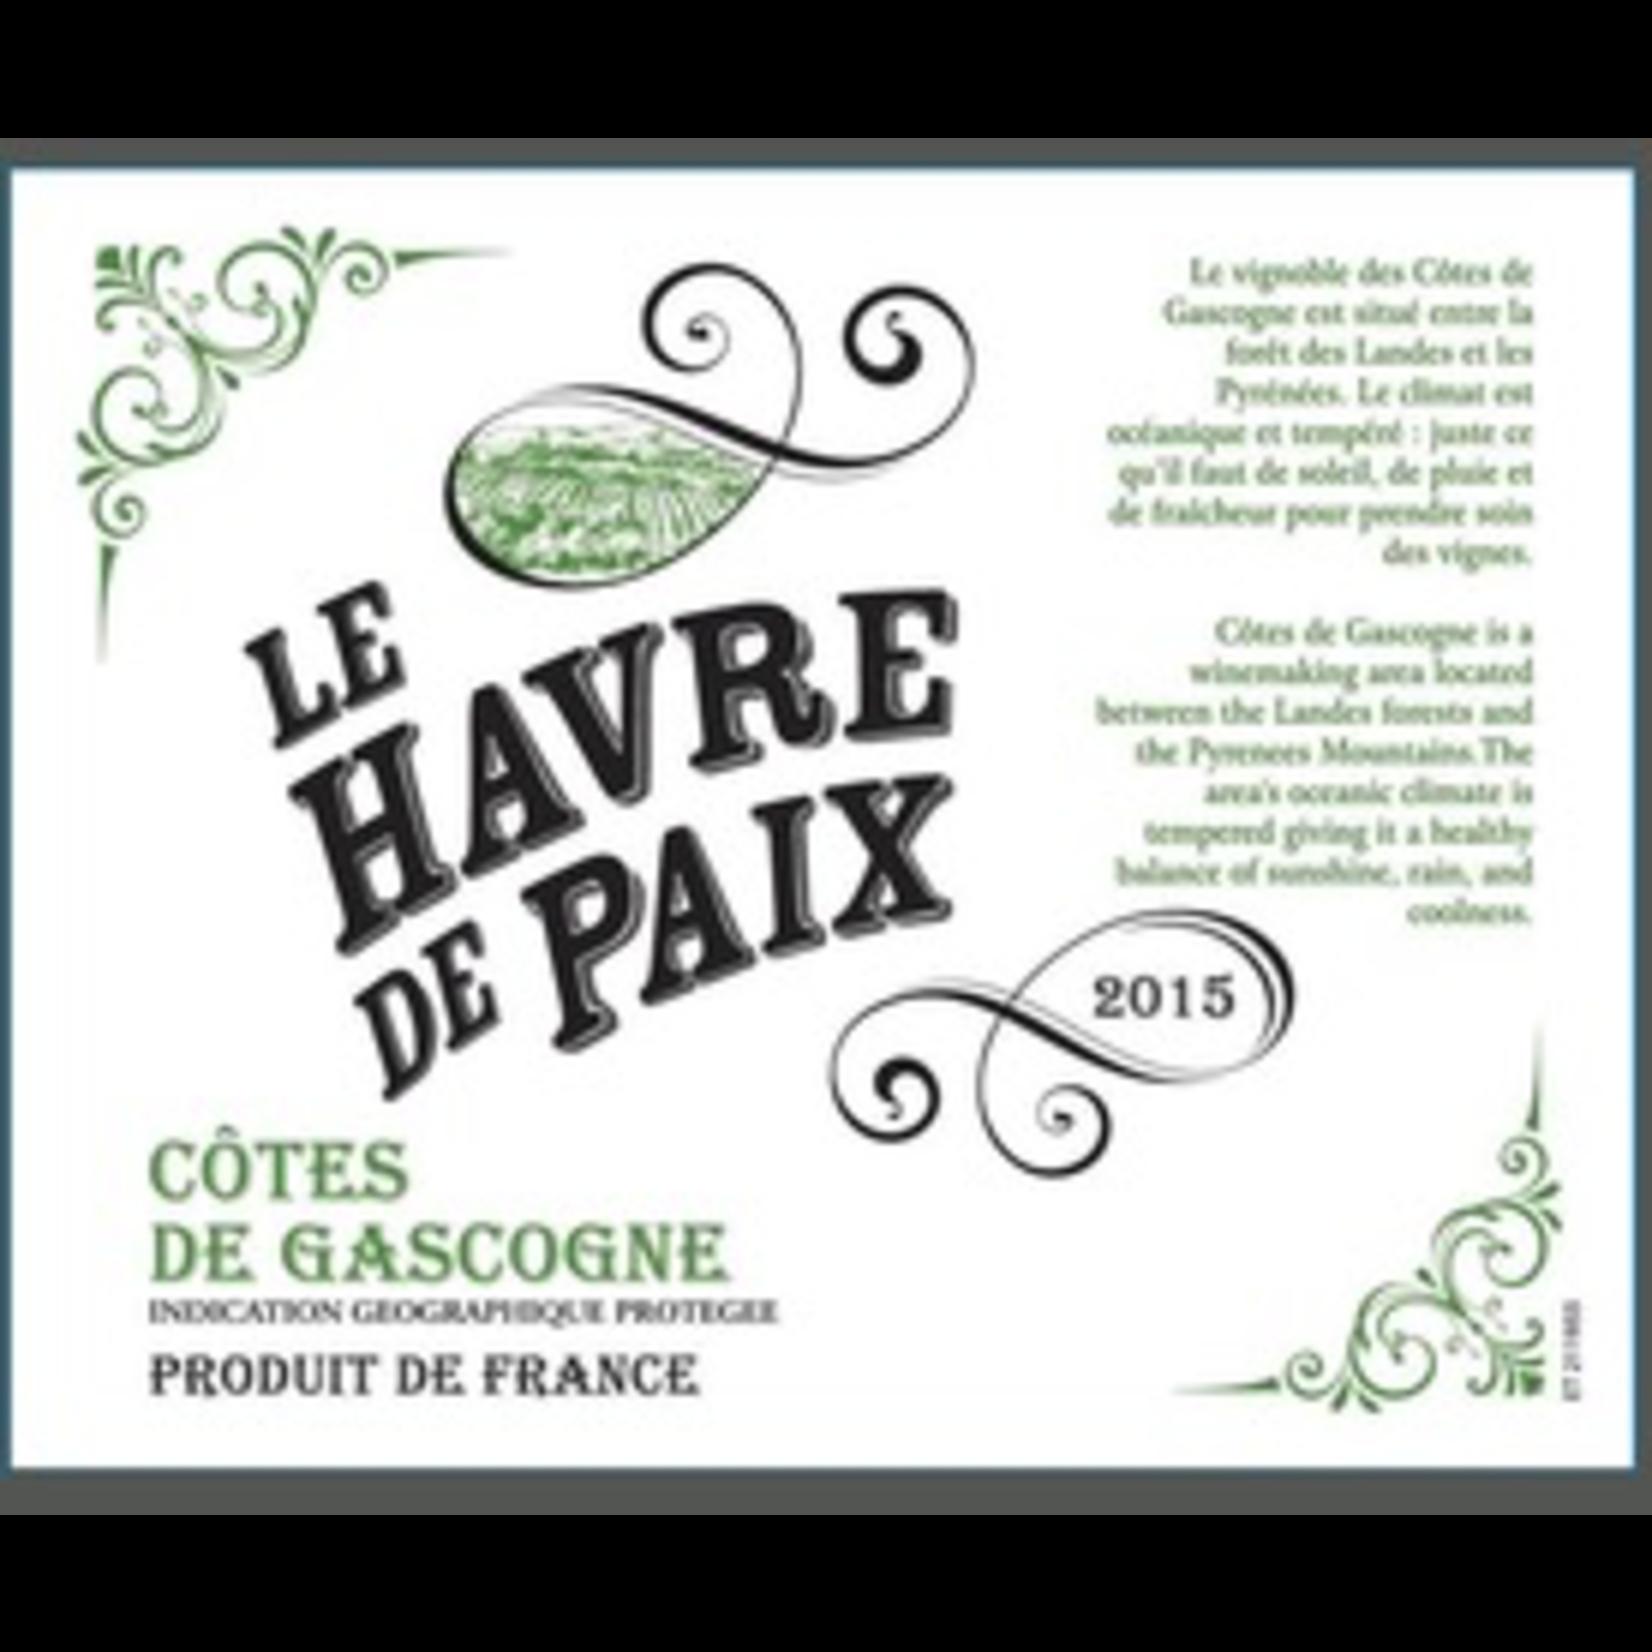 Wine Le Havre de Paix Cotes de Gascogne